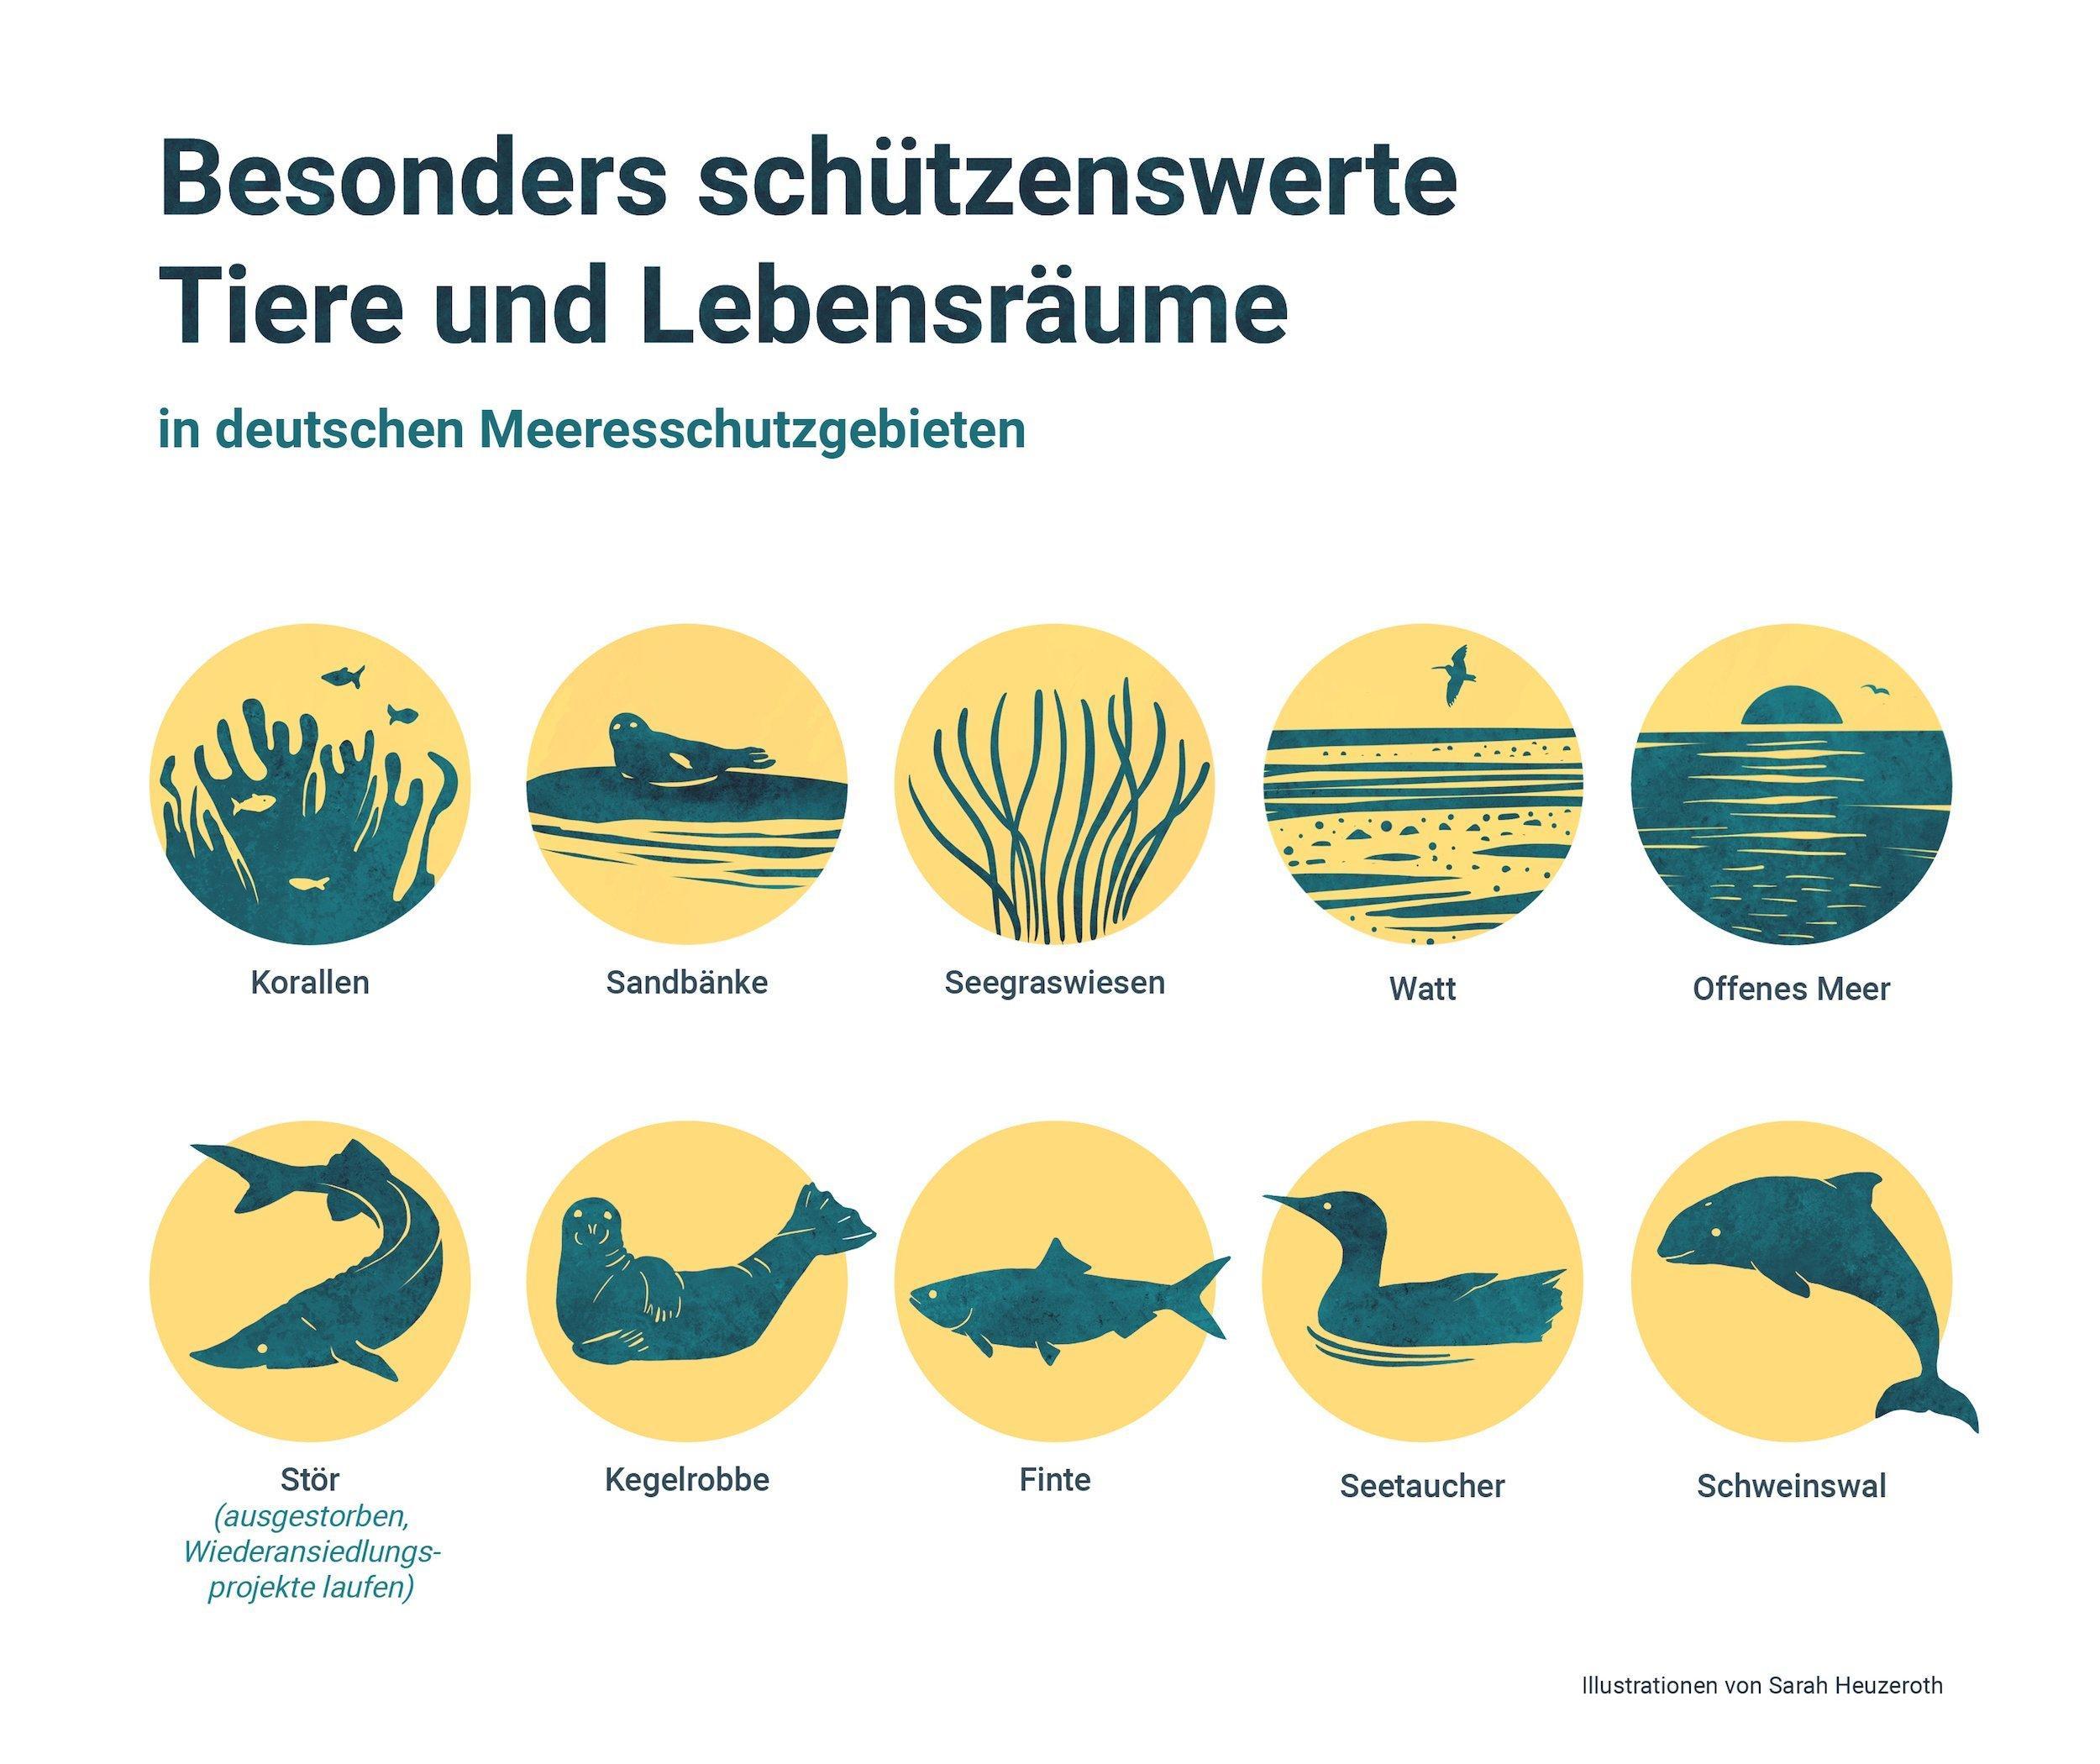 Graphik mit Icons für besonders wertvolle Lebensräume (Riffe, Sandbänke, offene See) und Arten (Kegelrobben, Stör, Schweinswal, Finte)